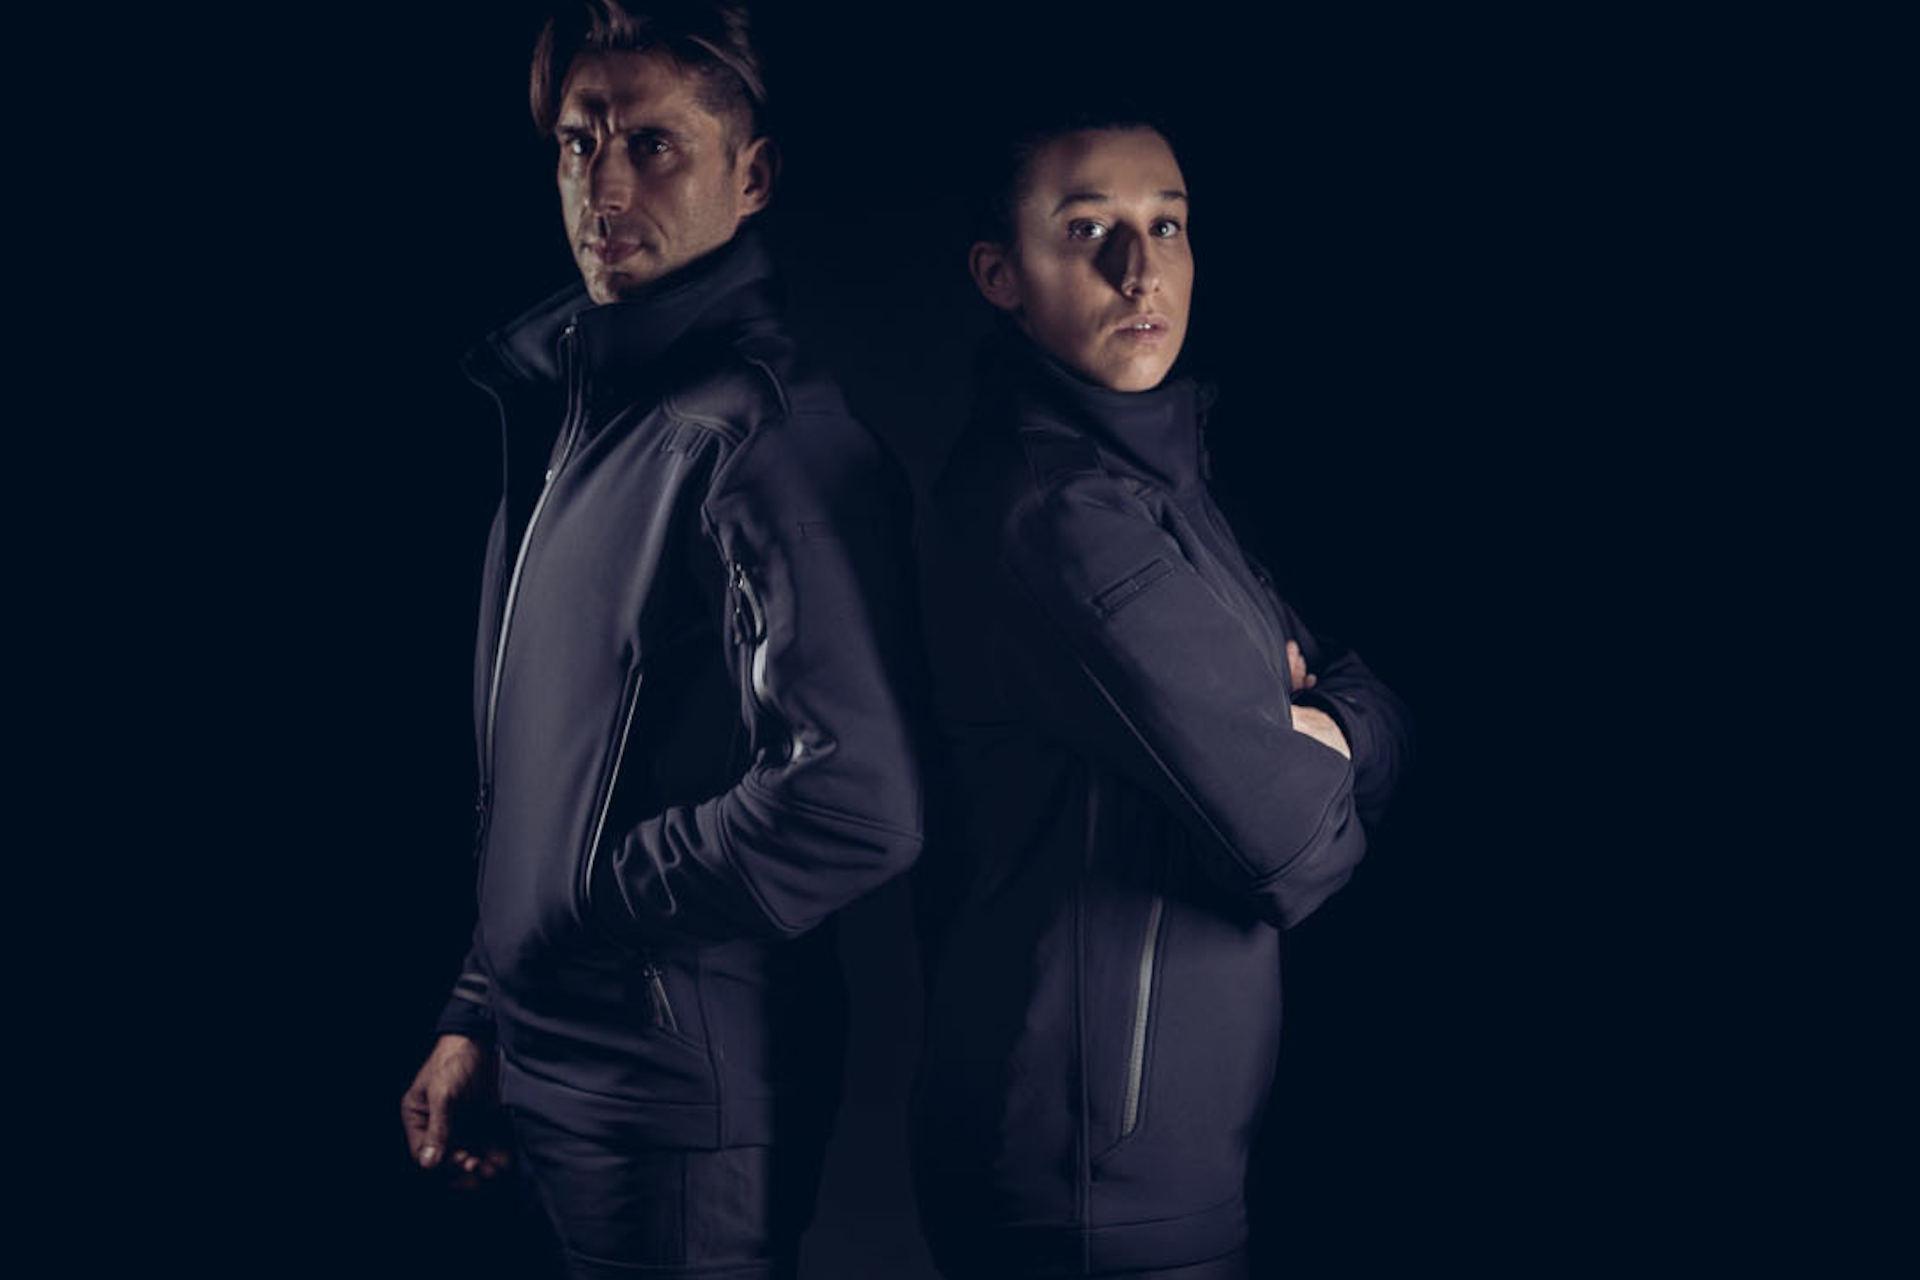 Las chaquetas tácticas protegen a los agentes del frío, el viento y la lluvia